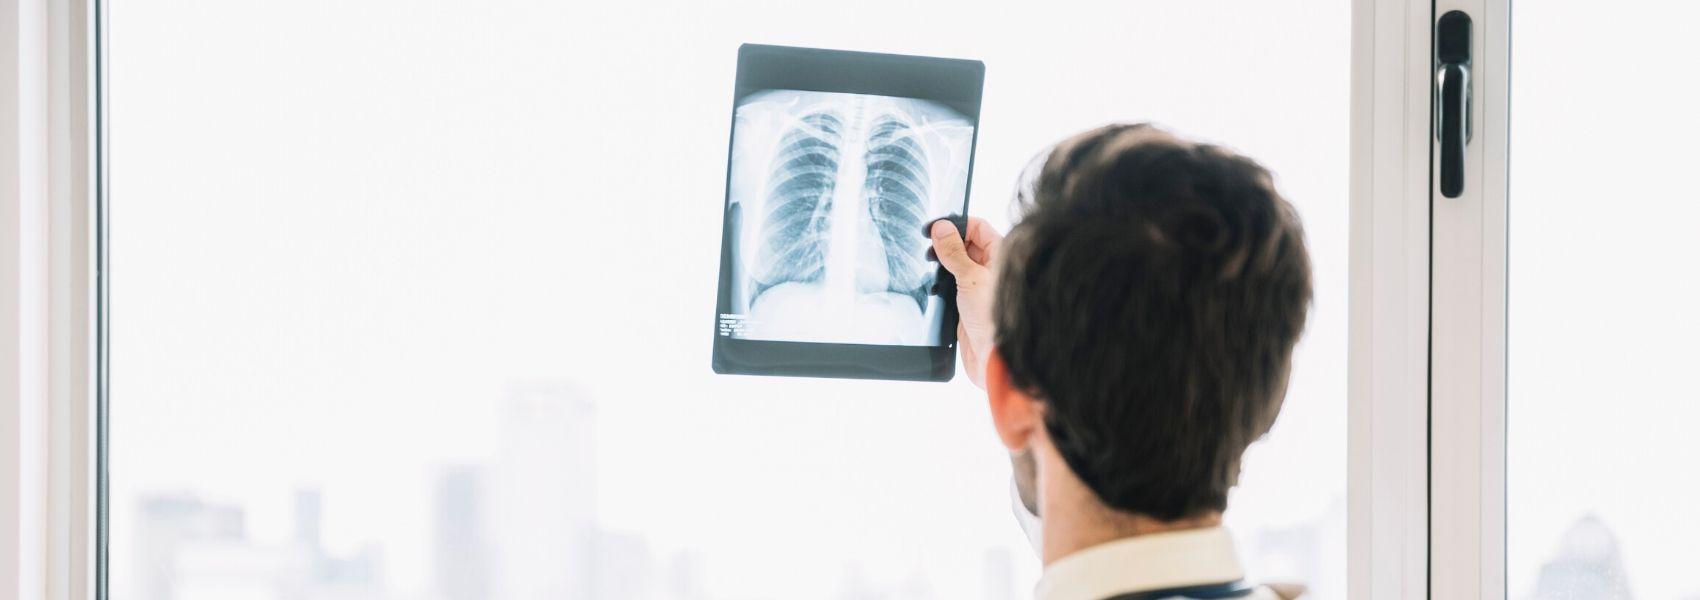 Utilizador de cigarro eletrónico diagnosticado com doença associada à exposição a metais pesados